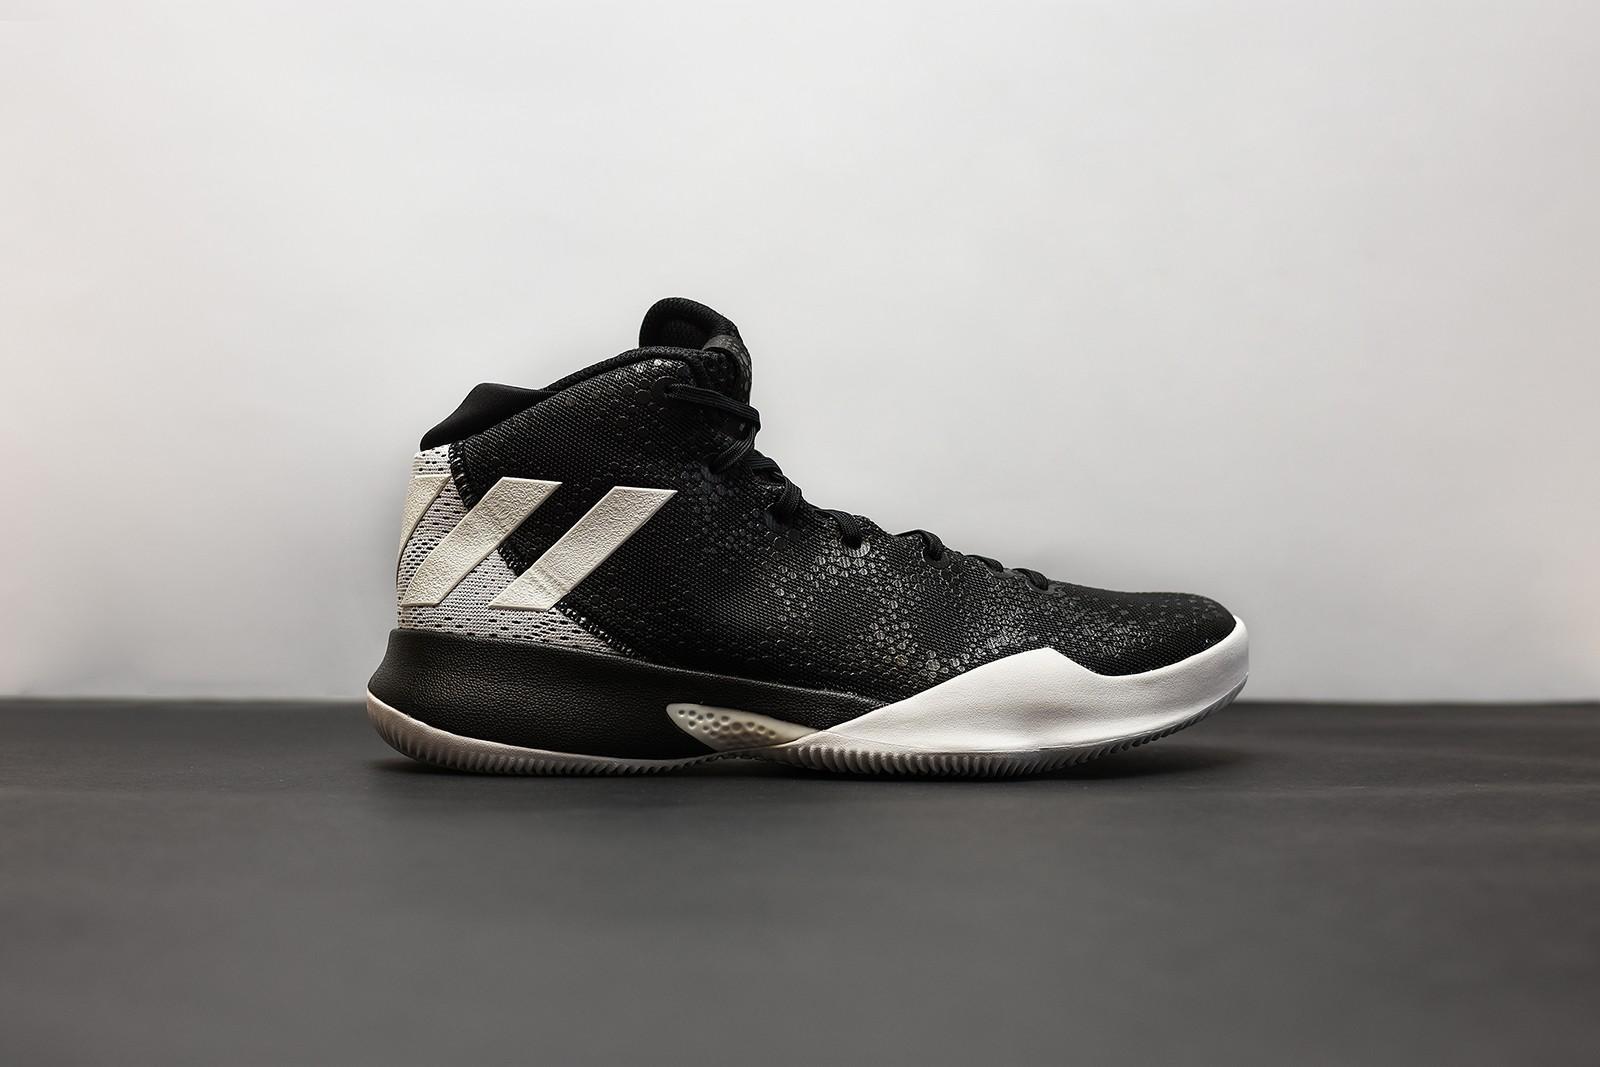 7acb3c89acf Pánské basketbalové boty adidas Performance Crazy Heat